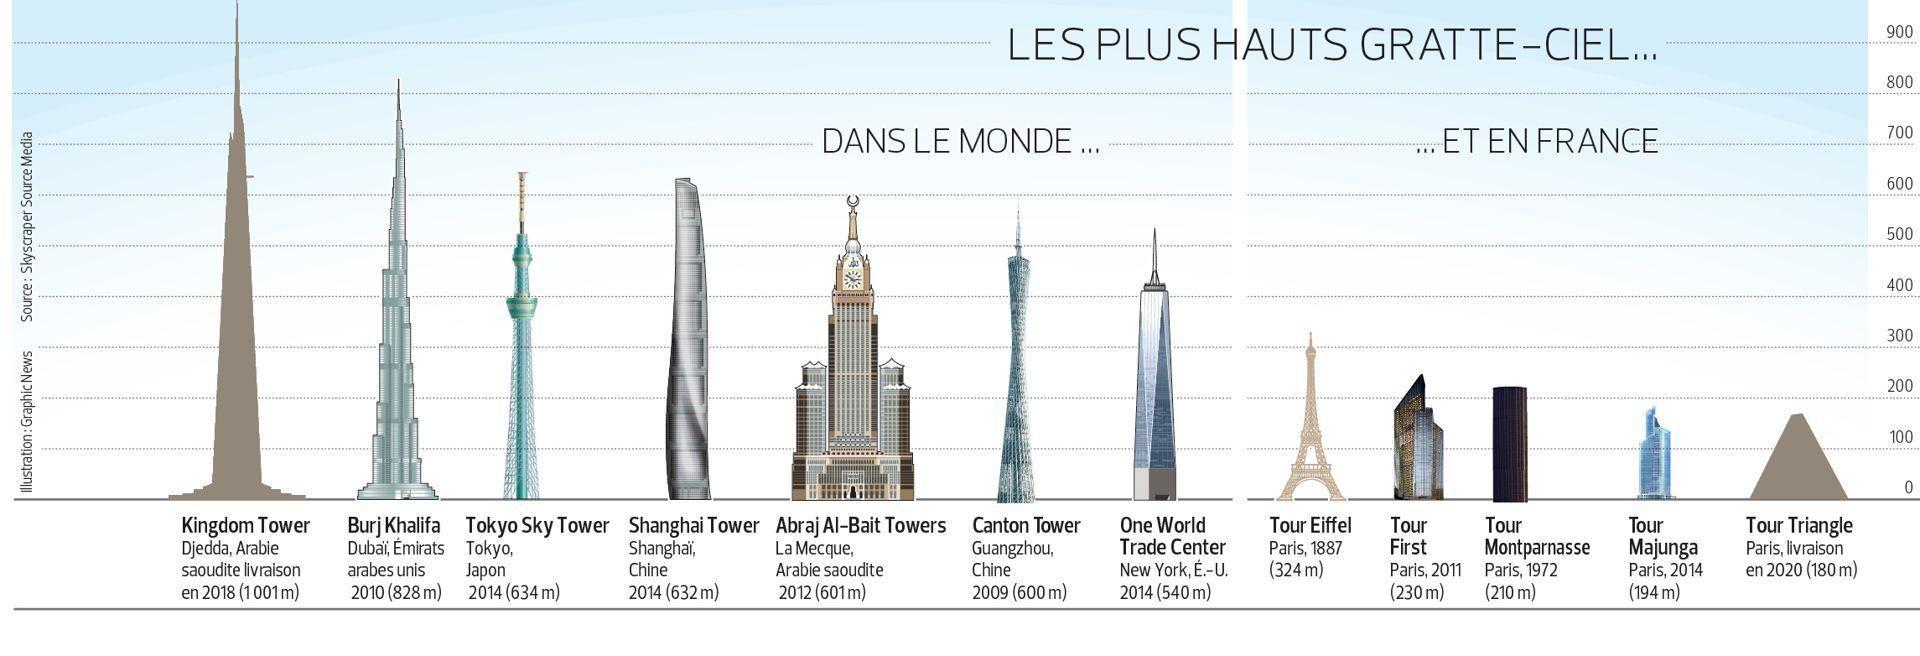 La plus haute tour du monde culminera plus d un kilom tre for Les plus belles tours du monde